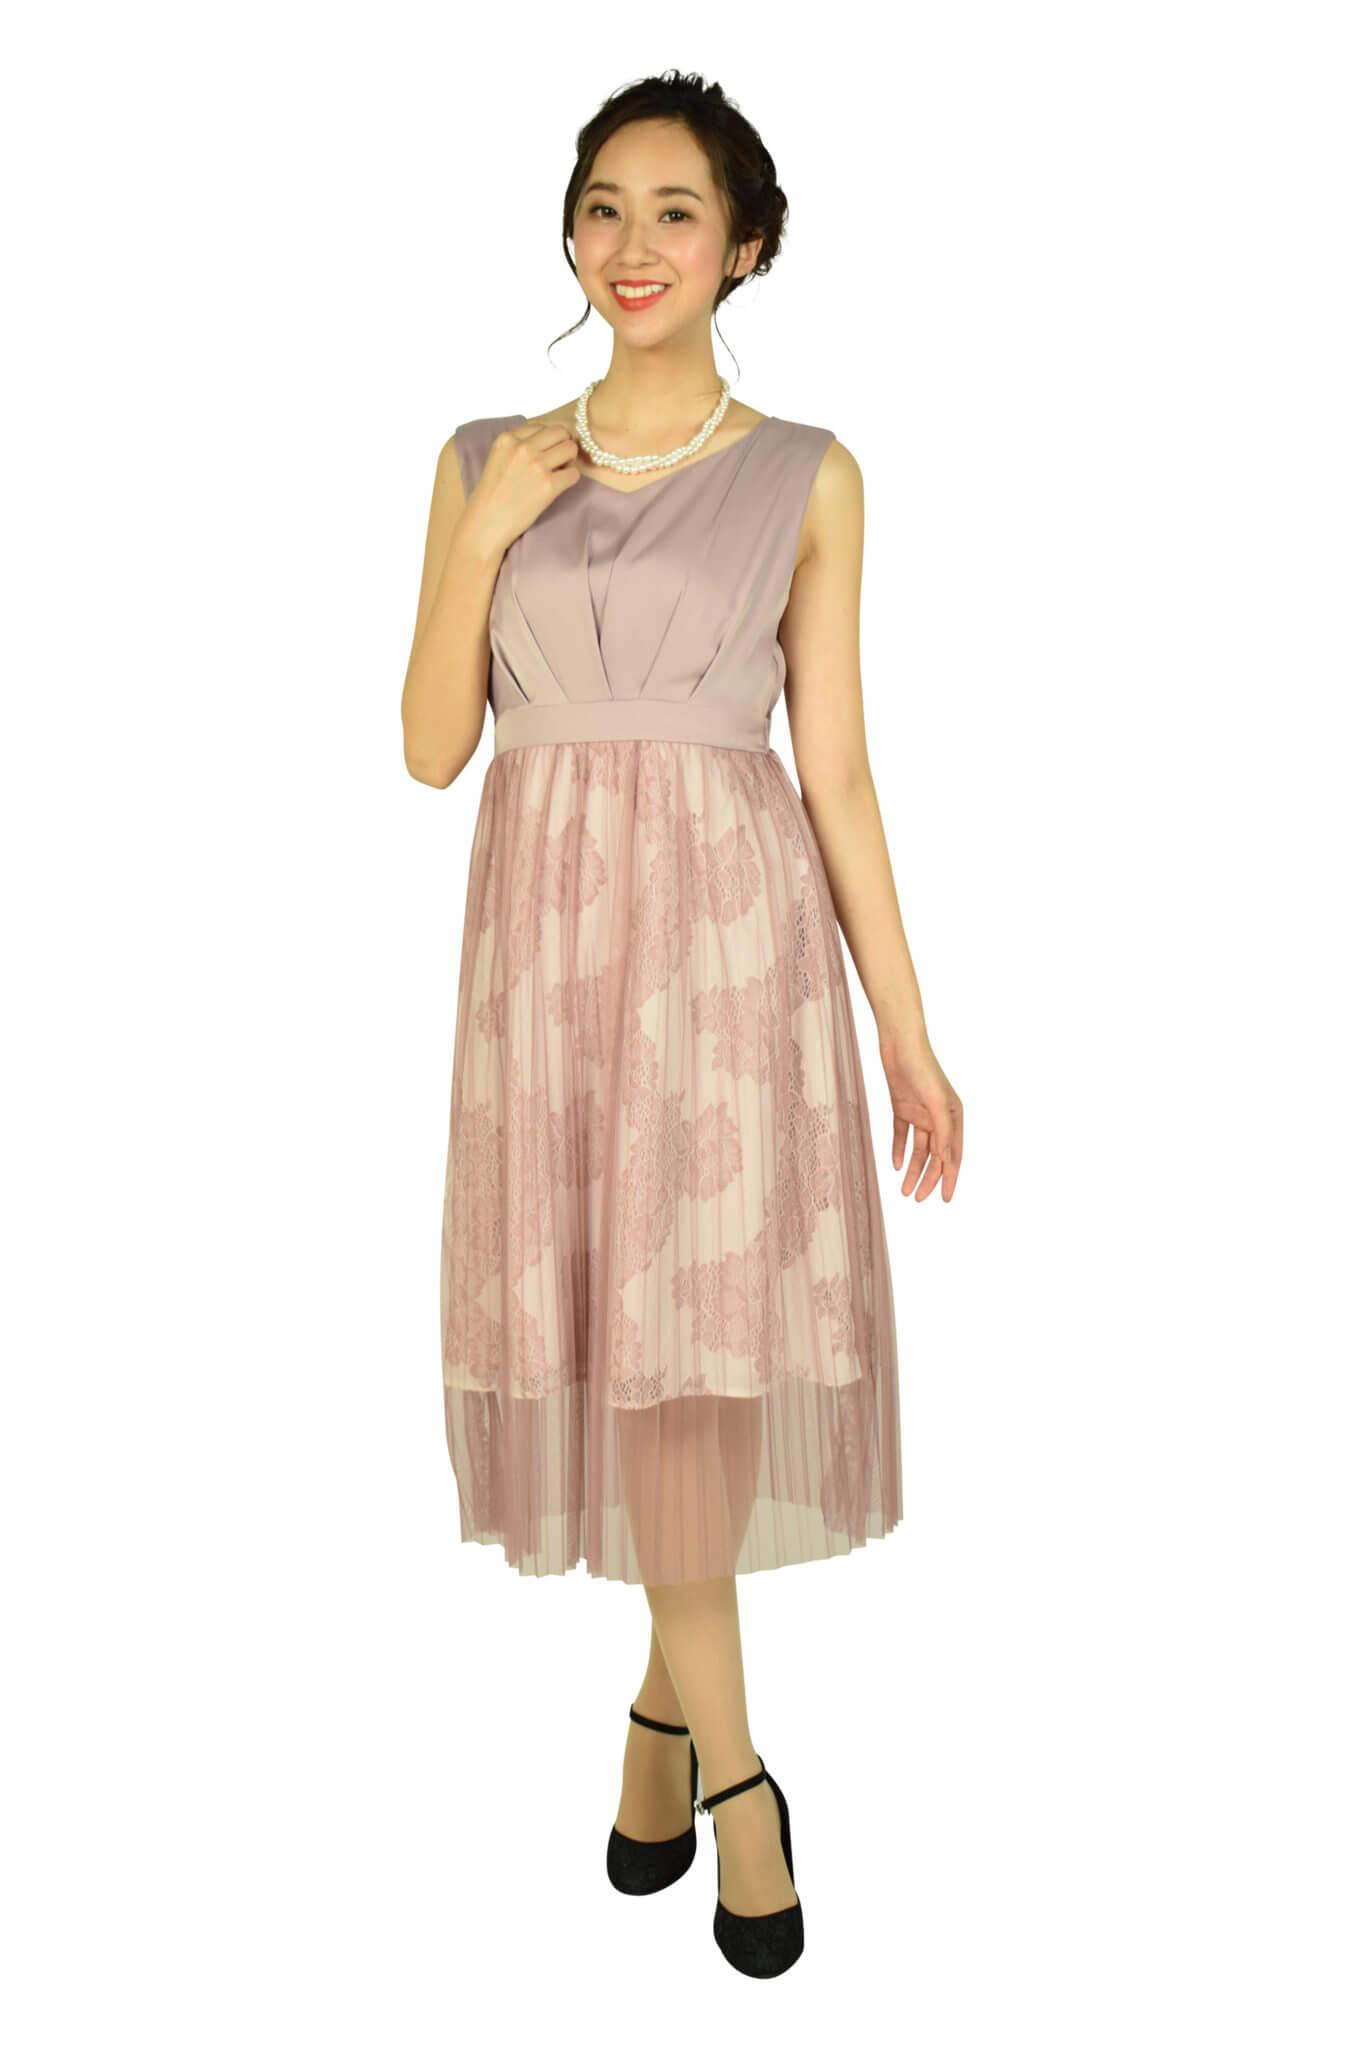 アグレアーブル (Agreable)プリーツチュールピンクドレス